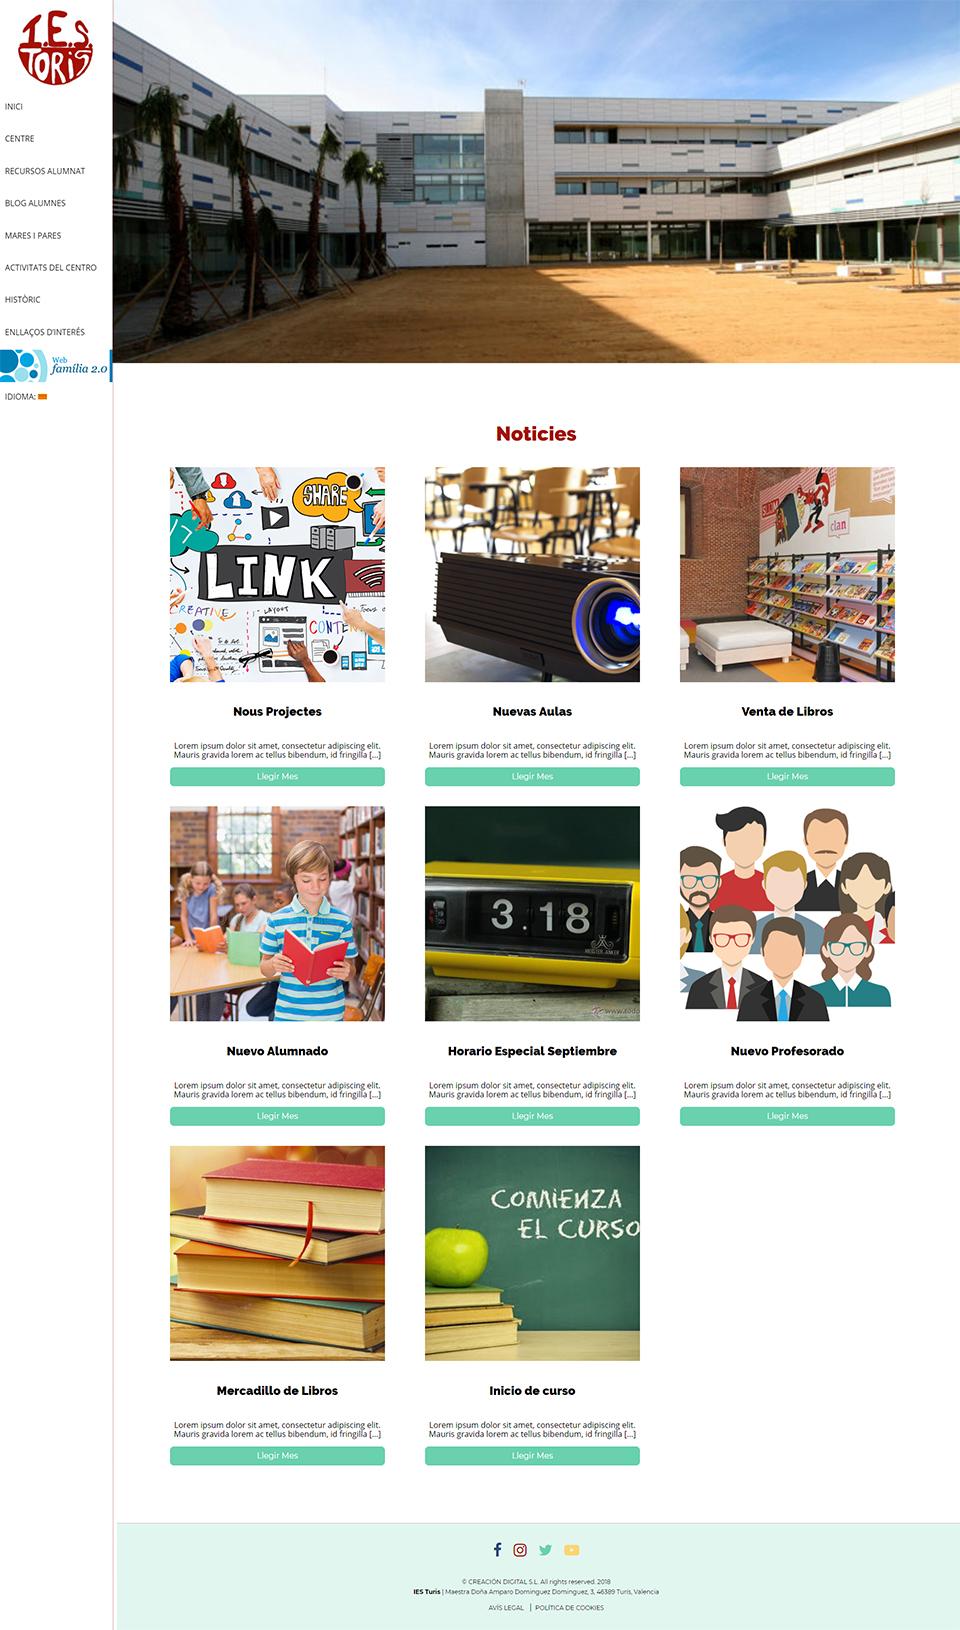 ABC Creación Digital. IES Torís